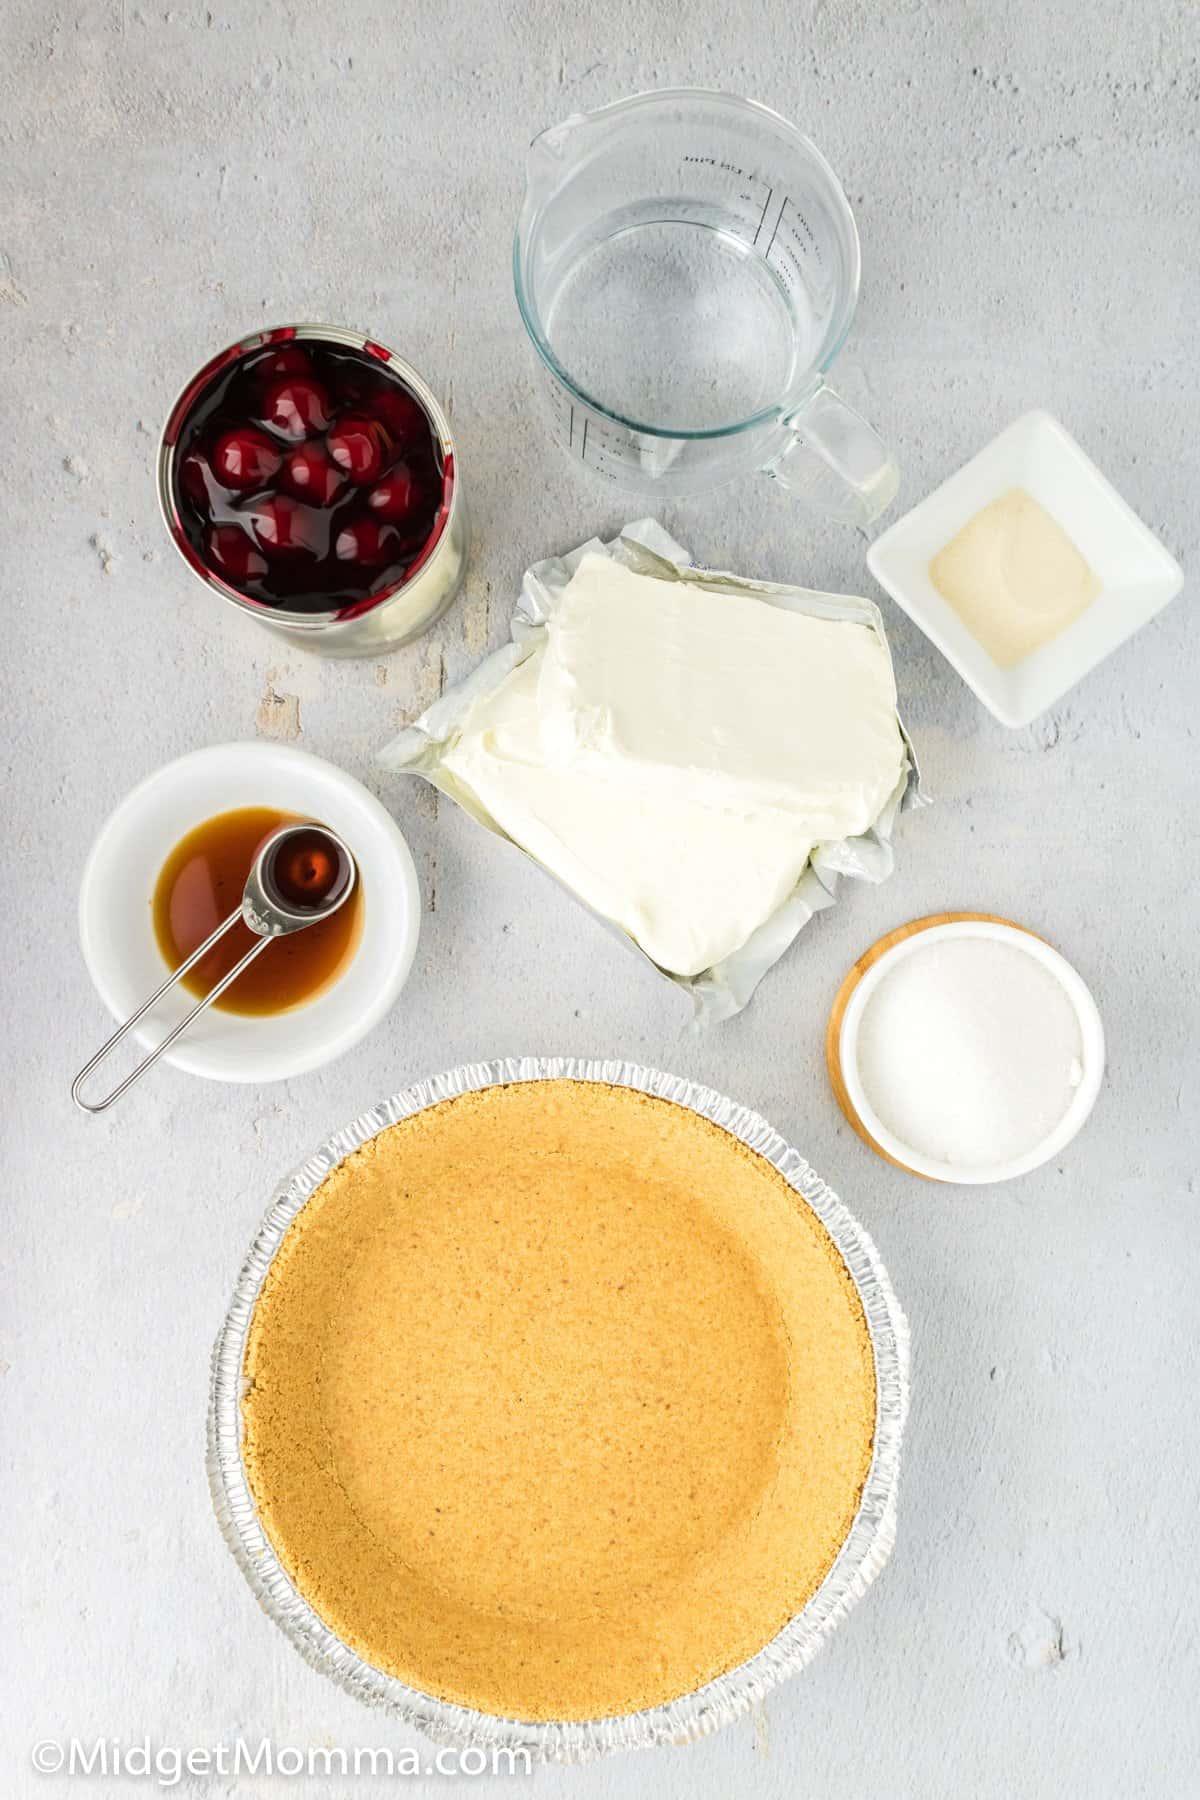 No Bake Cheesecake Recipe ingredients